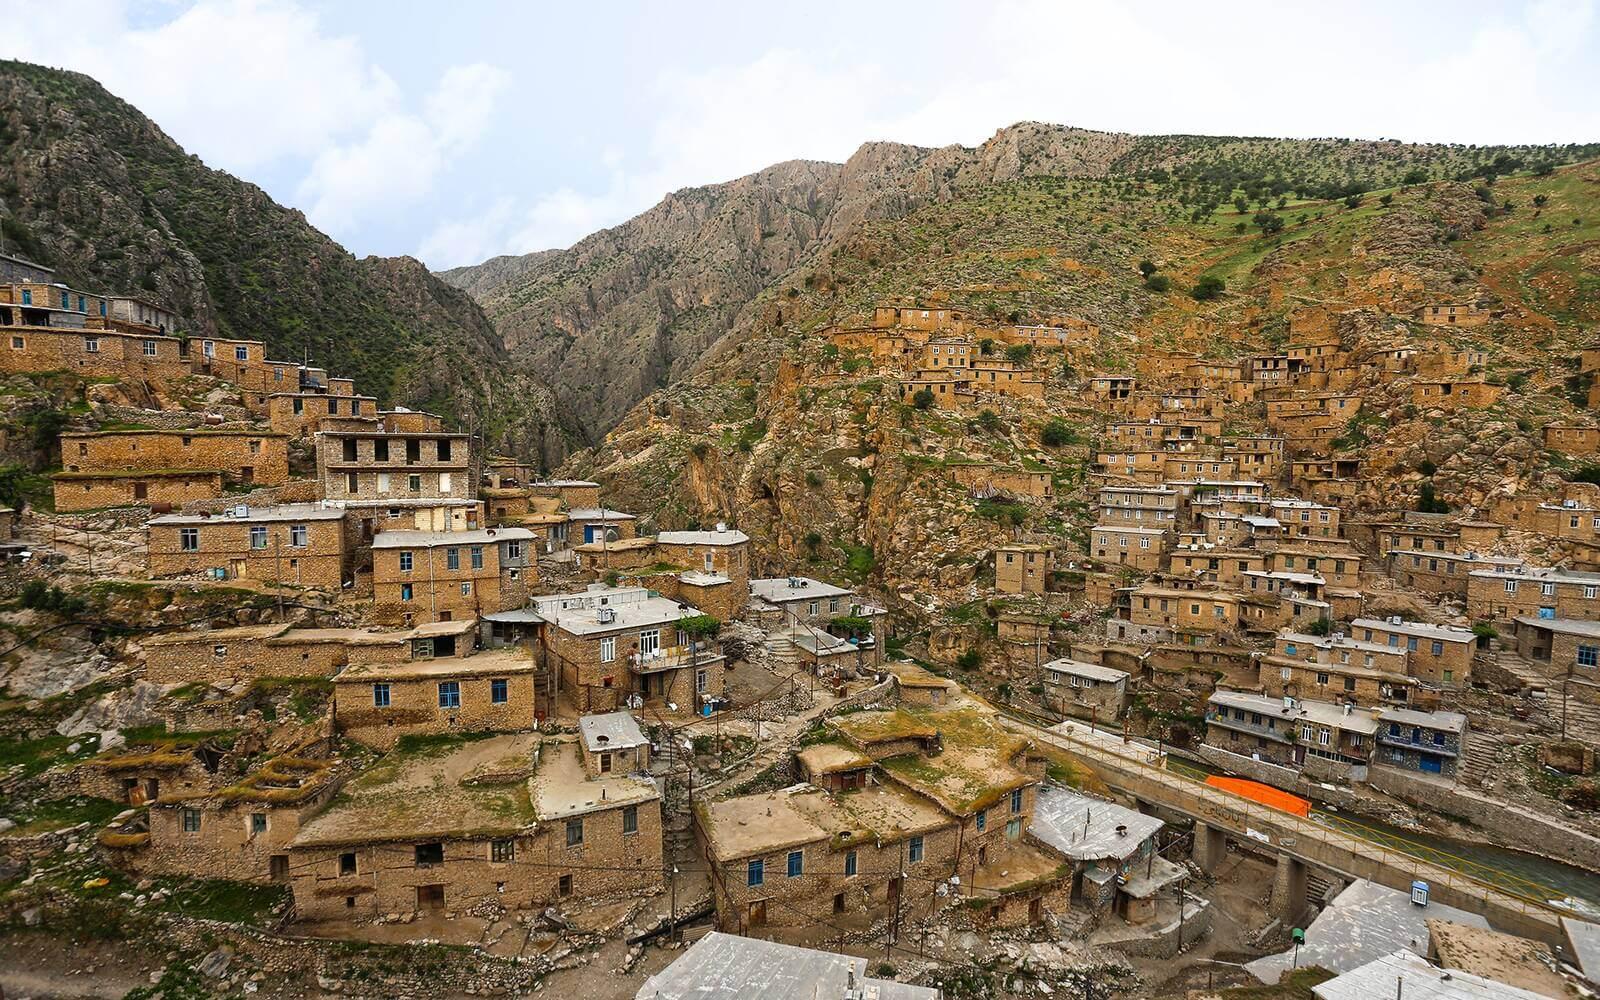 روستای سنگی پالنگان